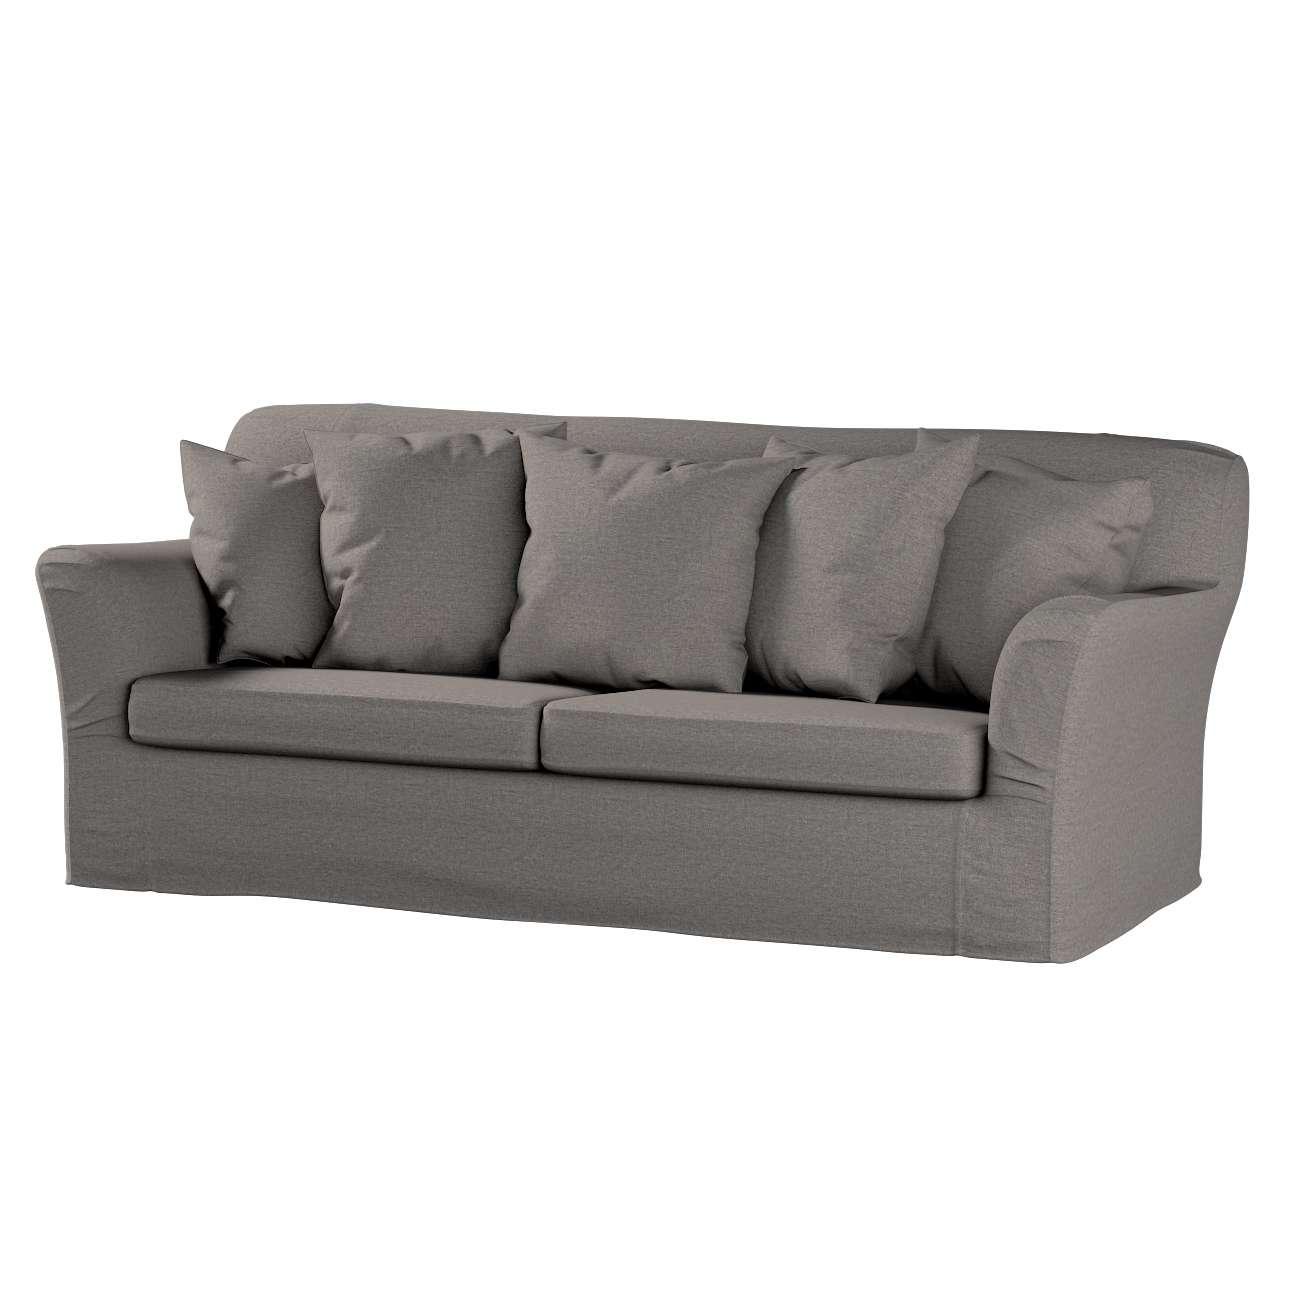 Pokrowiec na sofę Tomelilla rozkładaną Sofa Tomelilla rozkładana w kolekcji Edinburgh, tkanina: 115-77